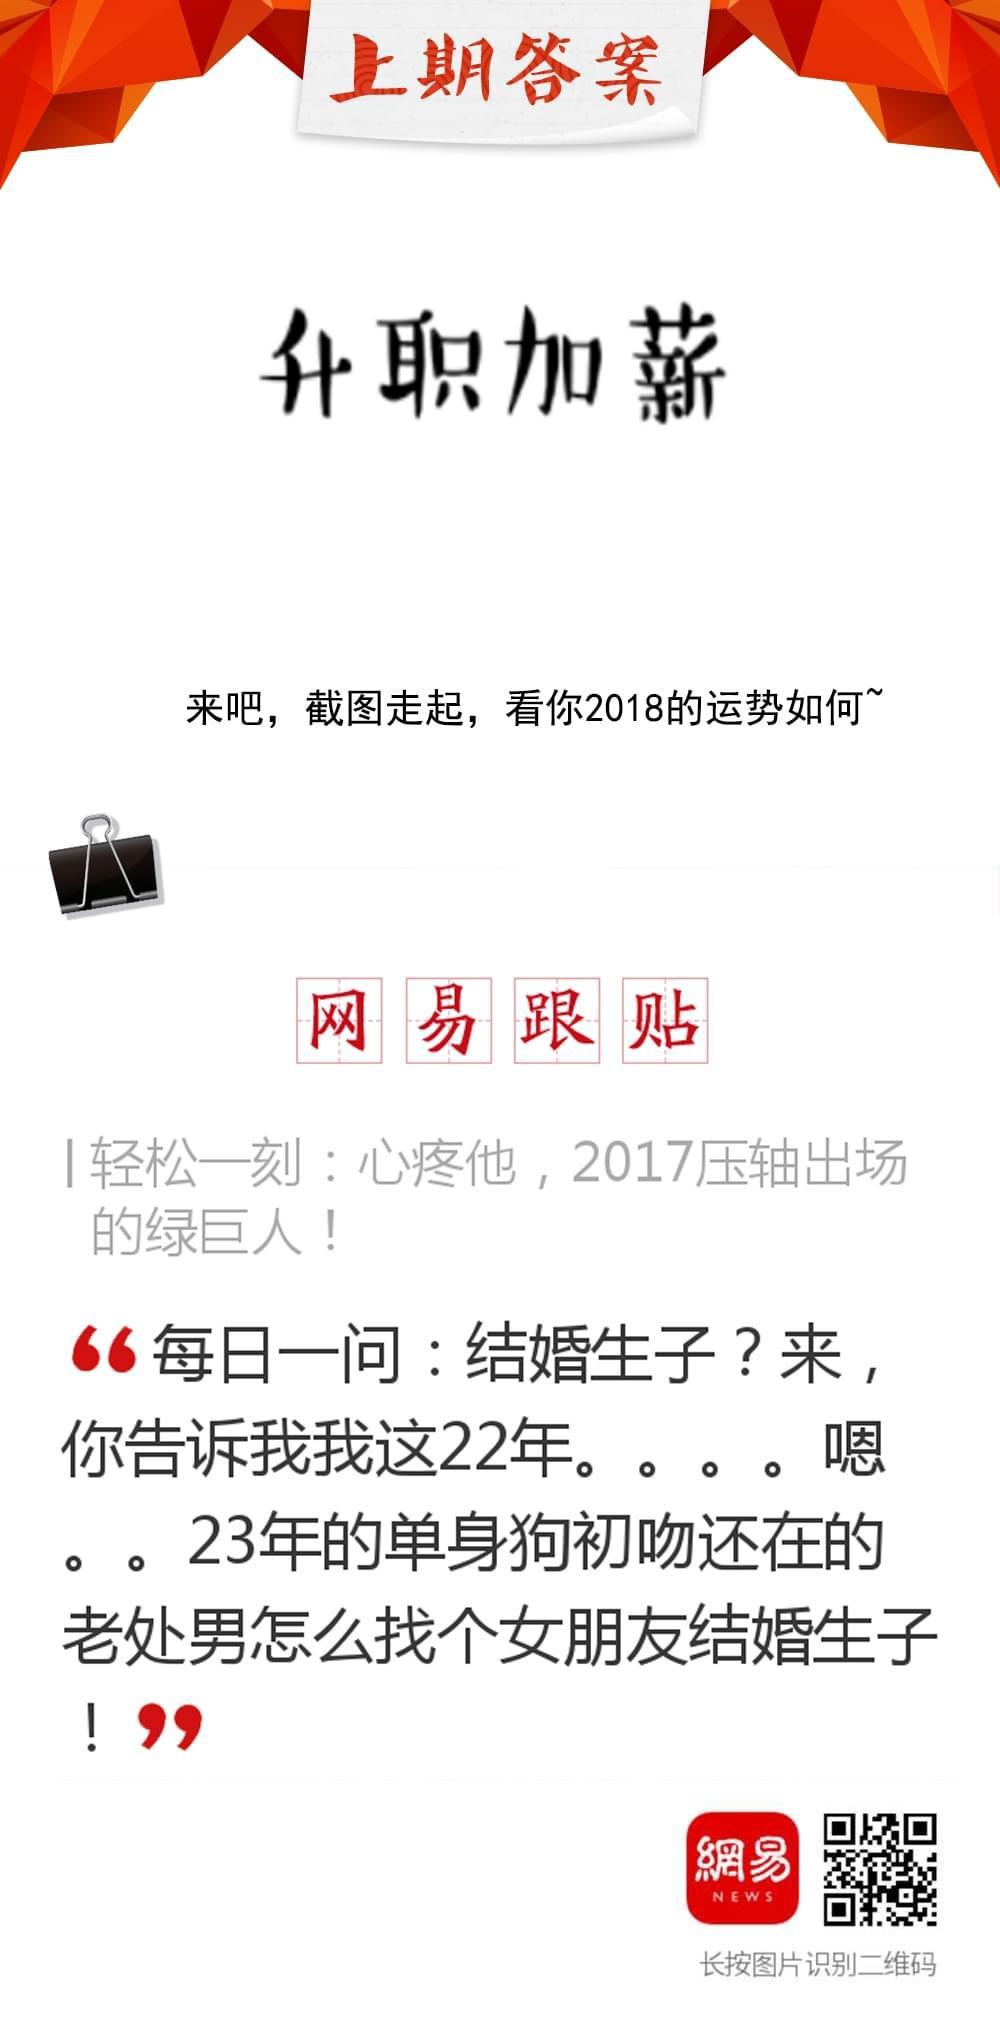 魏老师看2018.01.02笑话后半段